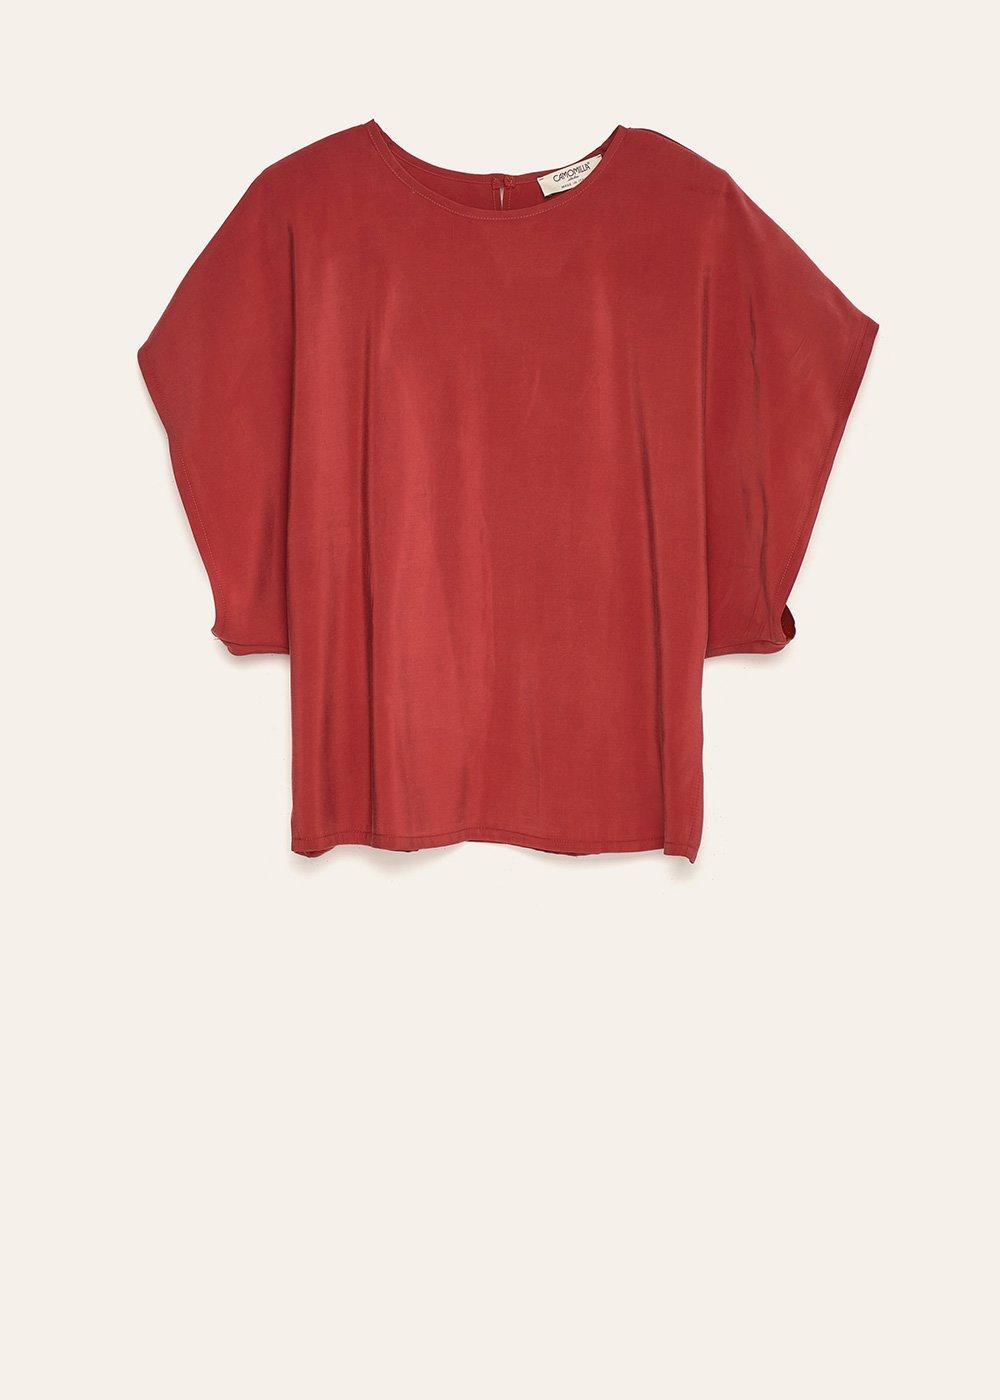 Cloe boat-neck rayon blouse - Anemone - Woman